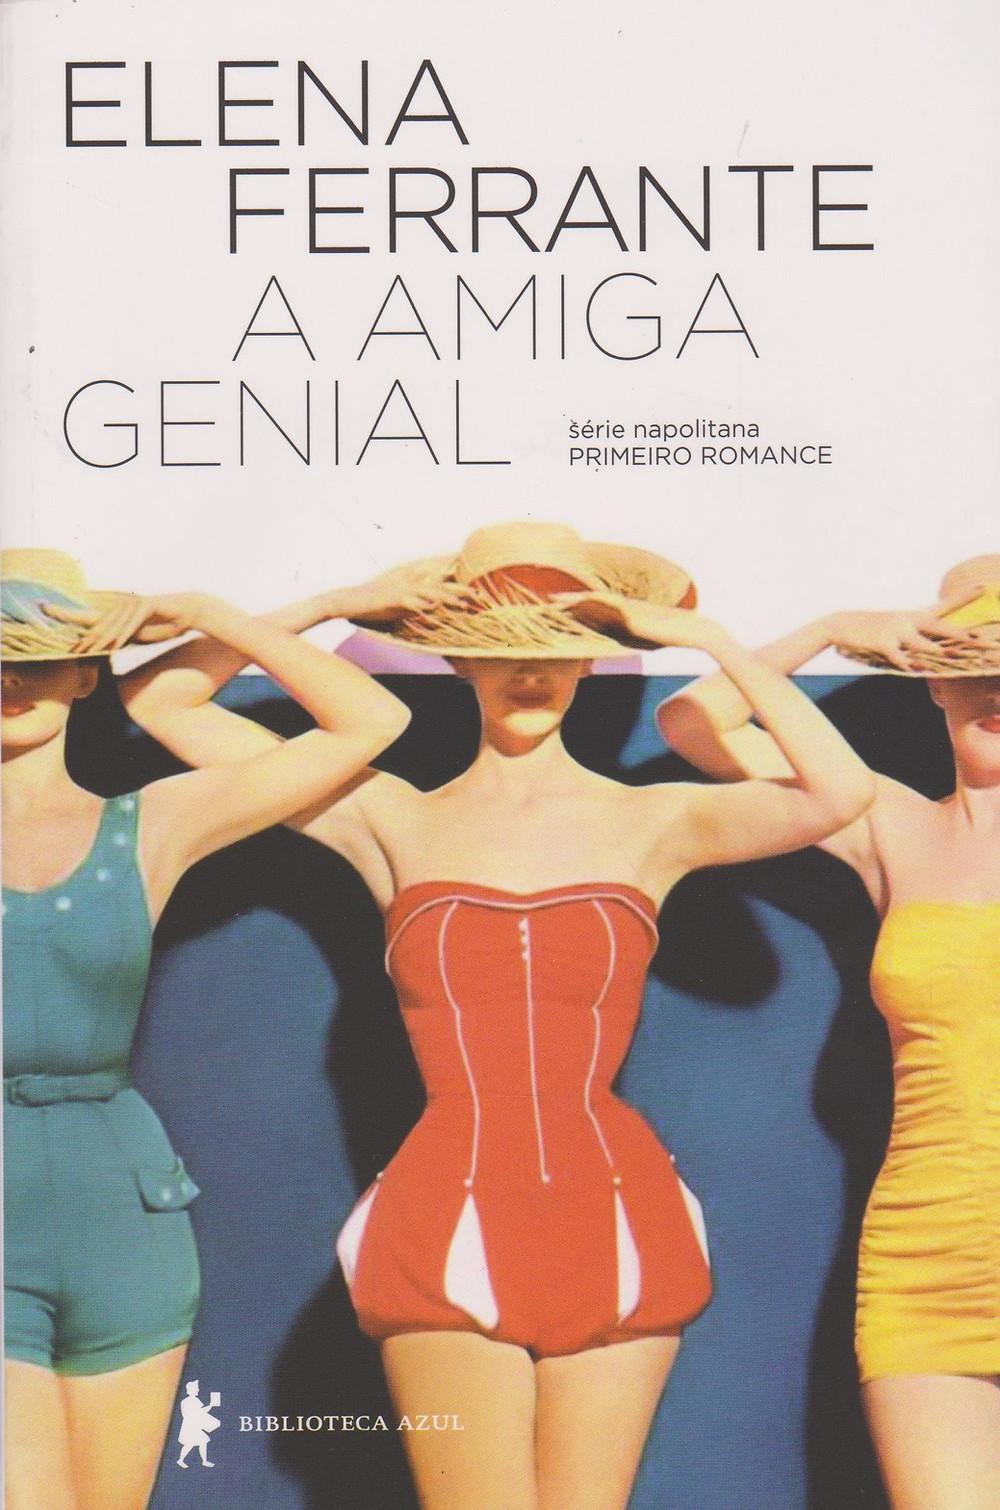 A Amiga Genial é o romance de Elena Ferrante que inaugura a série Napolitana, o maior sucesso da autora italiana